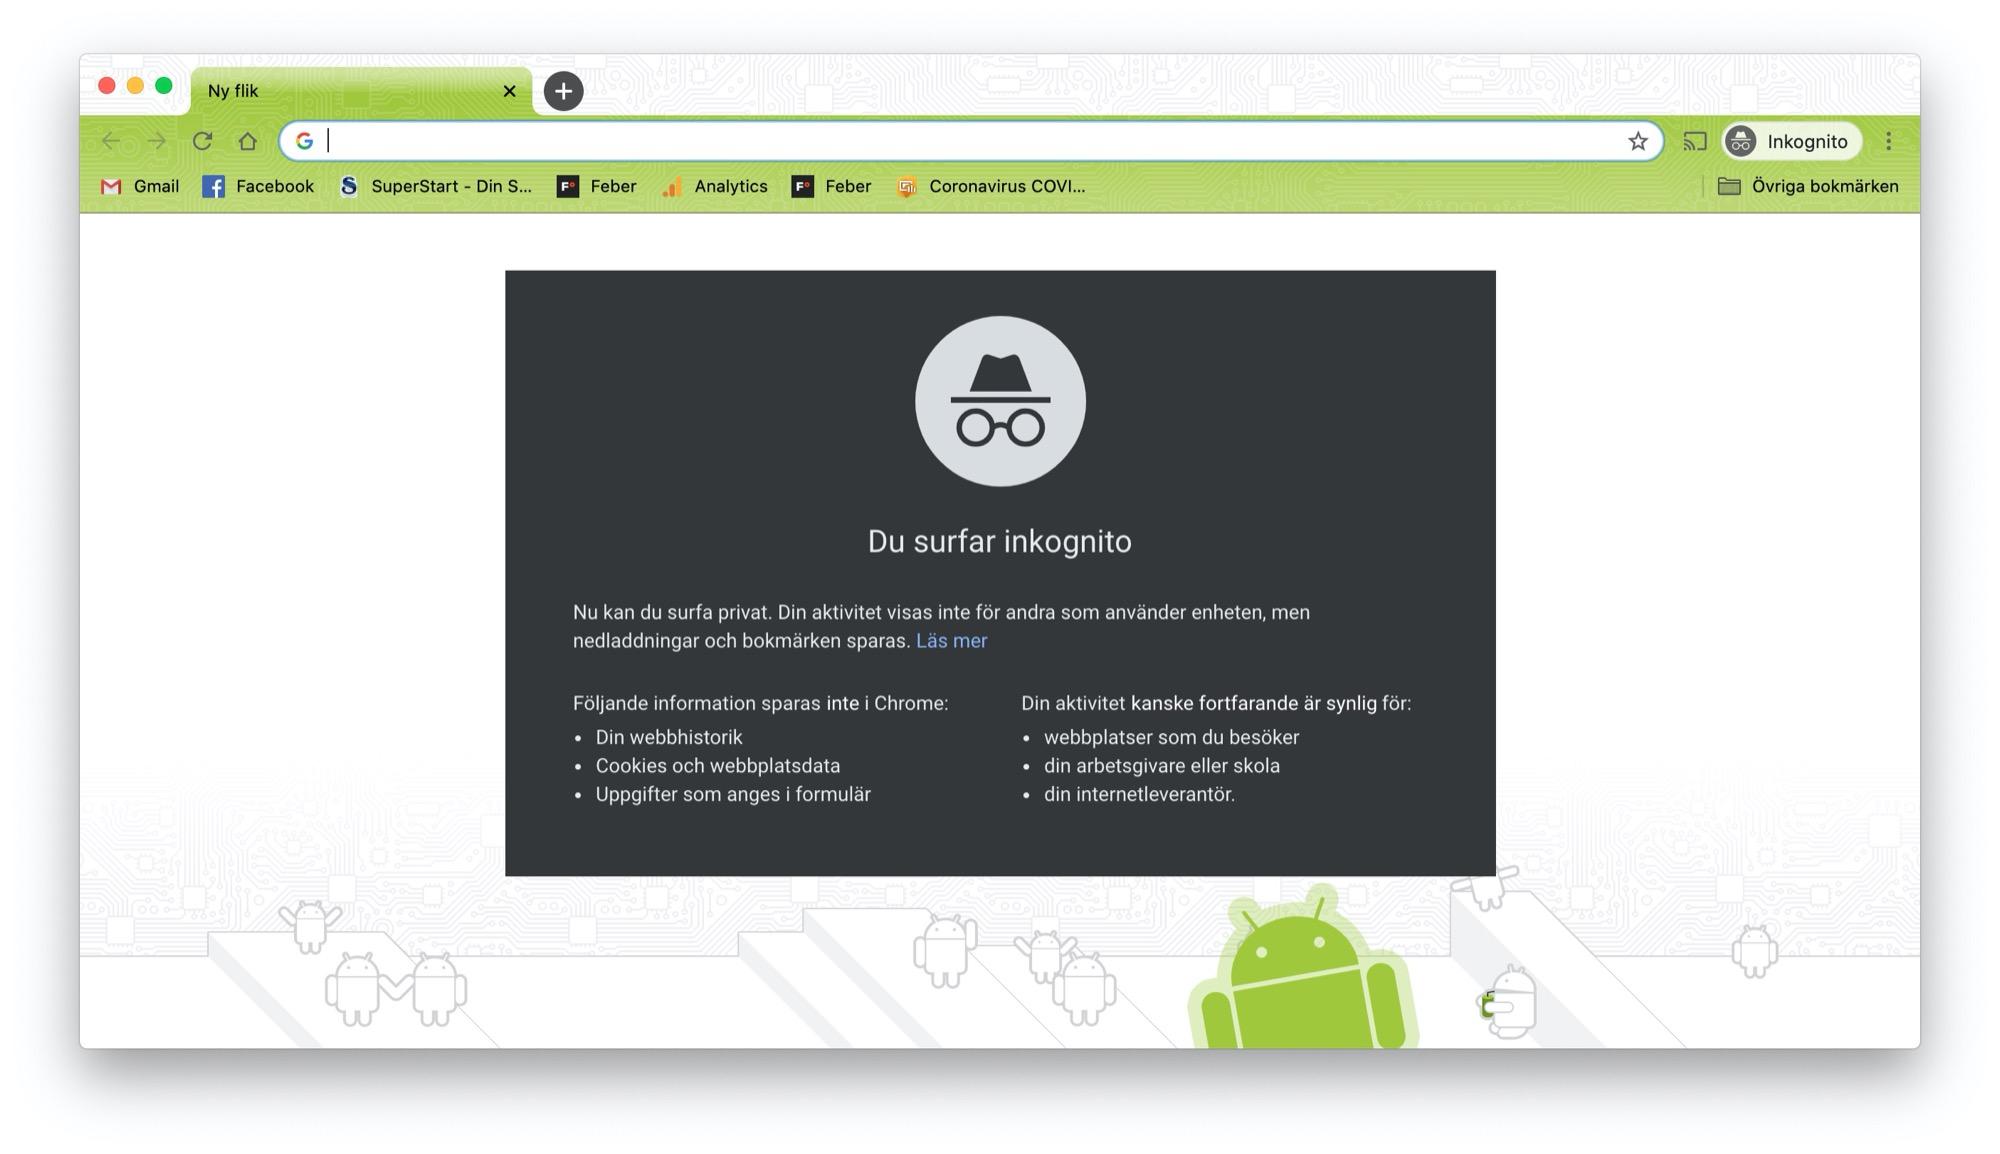 Google stäms på 5 miljarder dollar Anklagas för att spåra Chrome-användare som kör incognito-läge